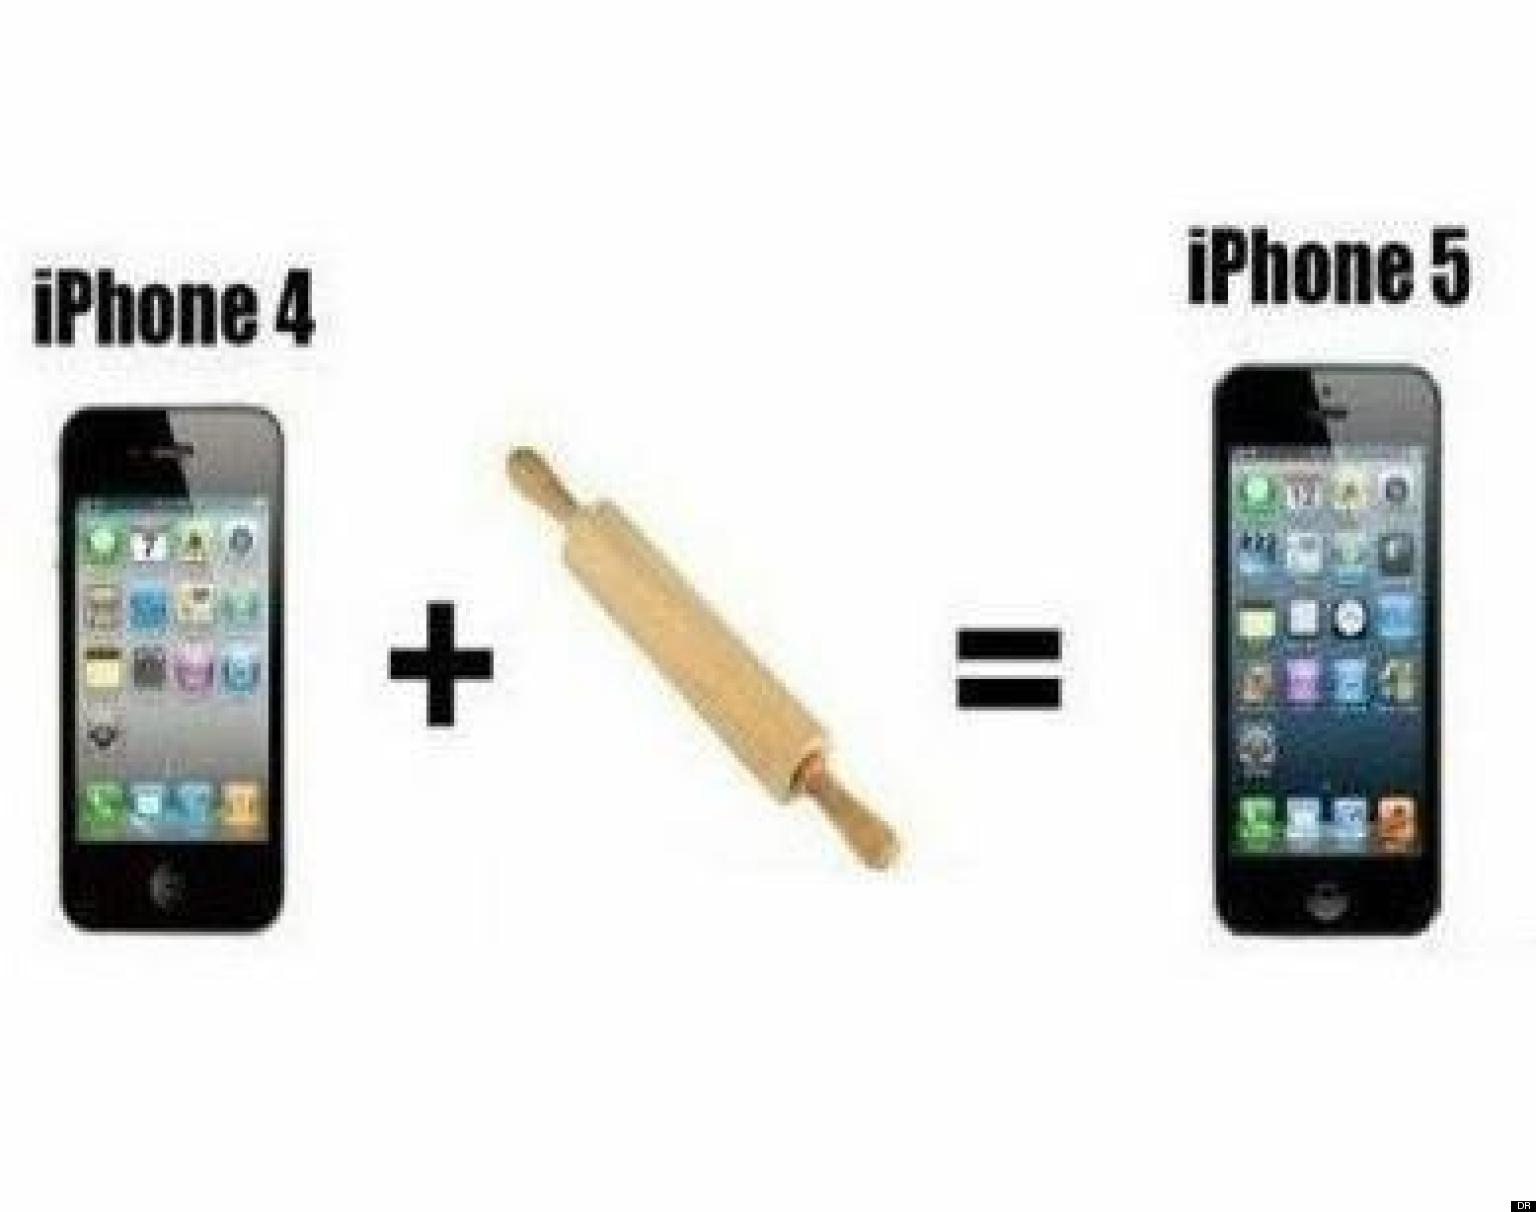 iphone 5 ils critiquent le nouveau smartphone dapple en